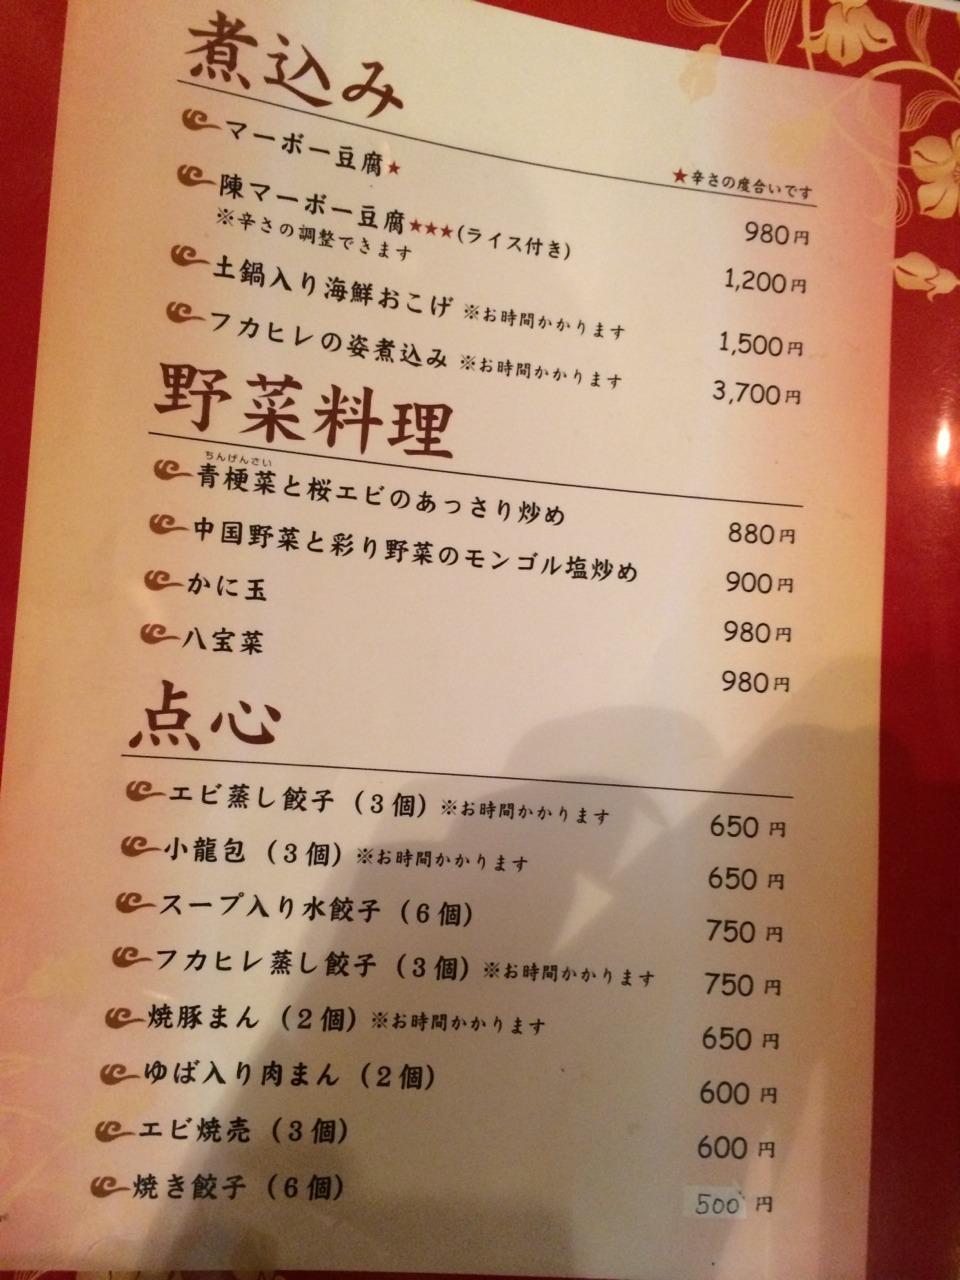 中国料理 銀座四川 壽桃  閉店アナウンス_e0115904_14382360.jpg